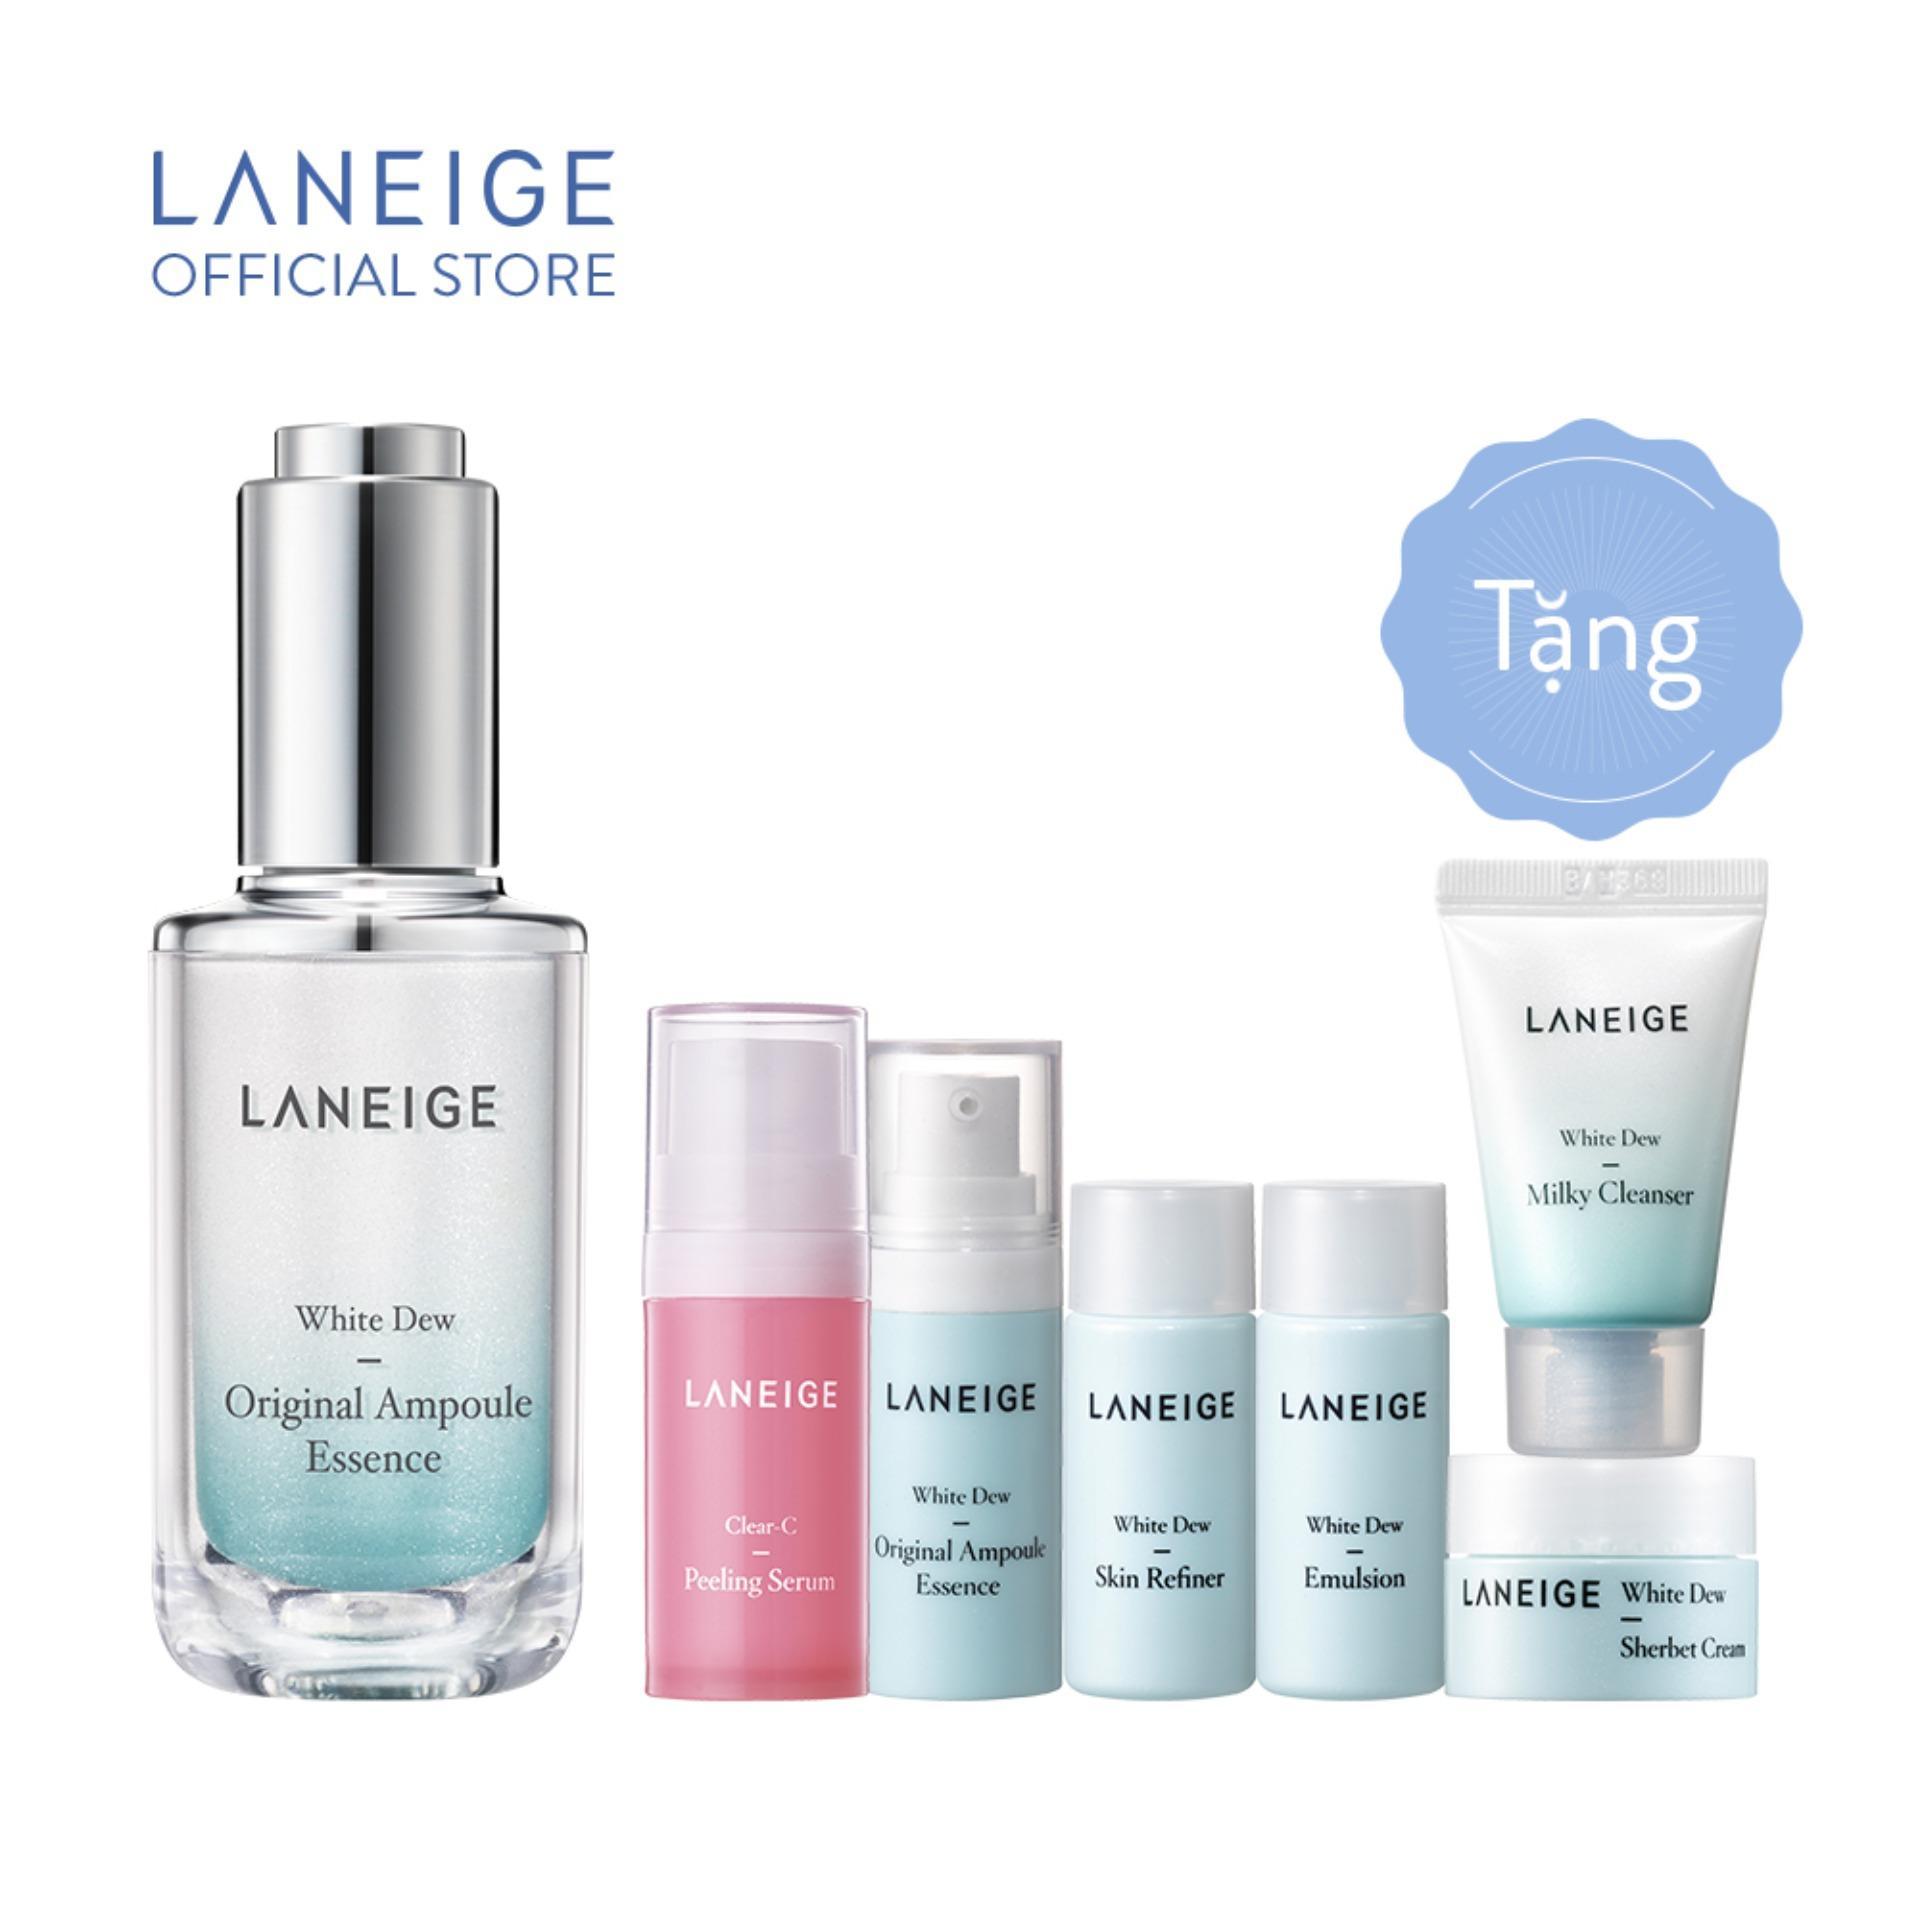 Tinh chất dưỡng trắng ngừa thâm nám Laneige White Dew Original Ampoule Essence 40ml tặng White Dew Trial Kit